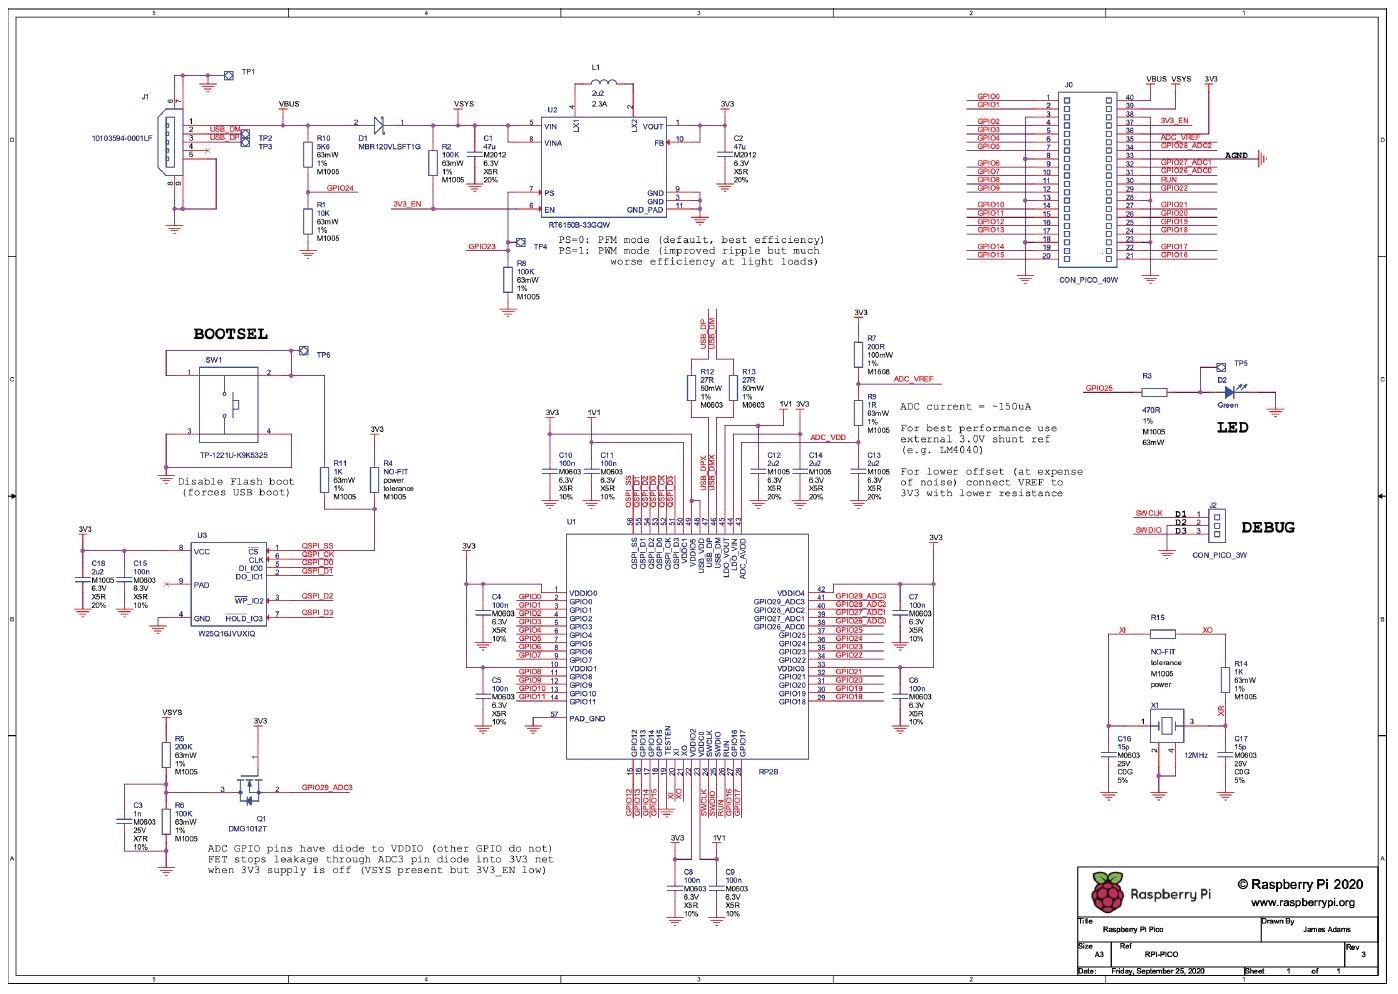 Board's chematic diagram